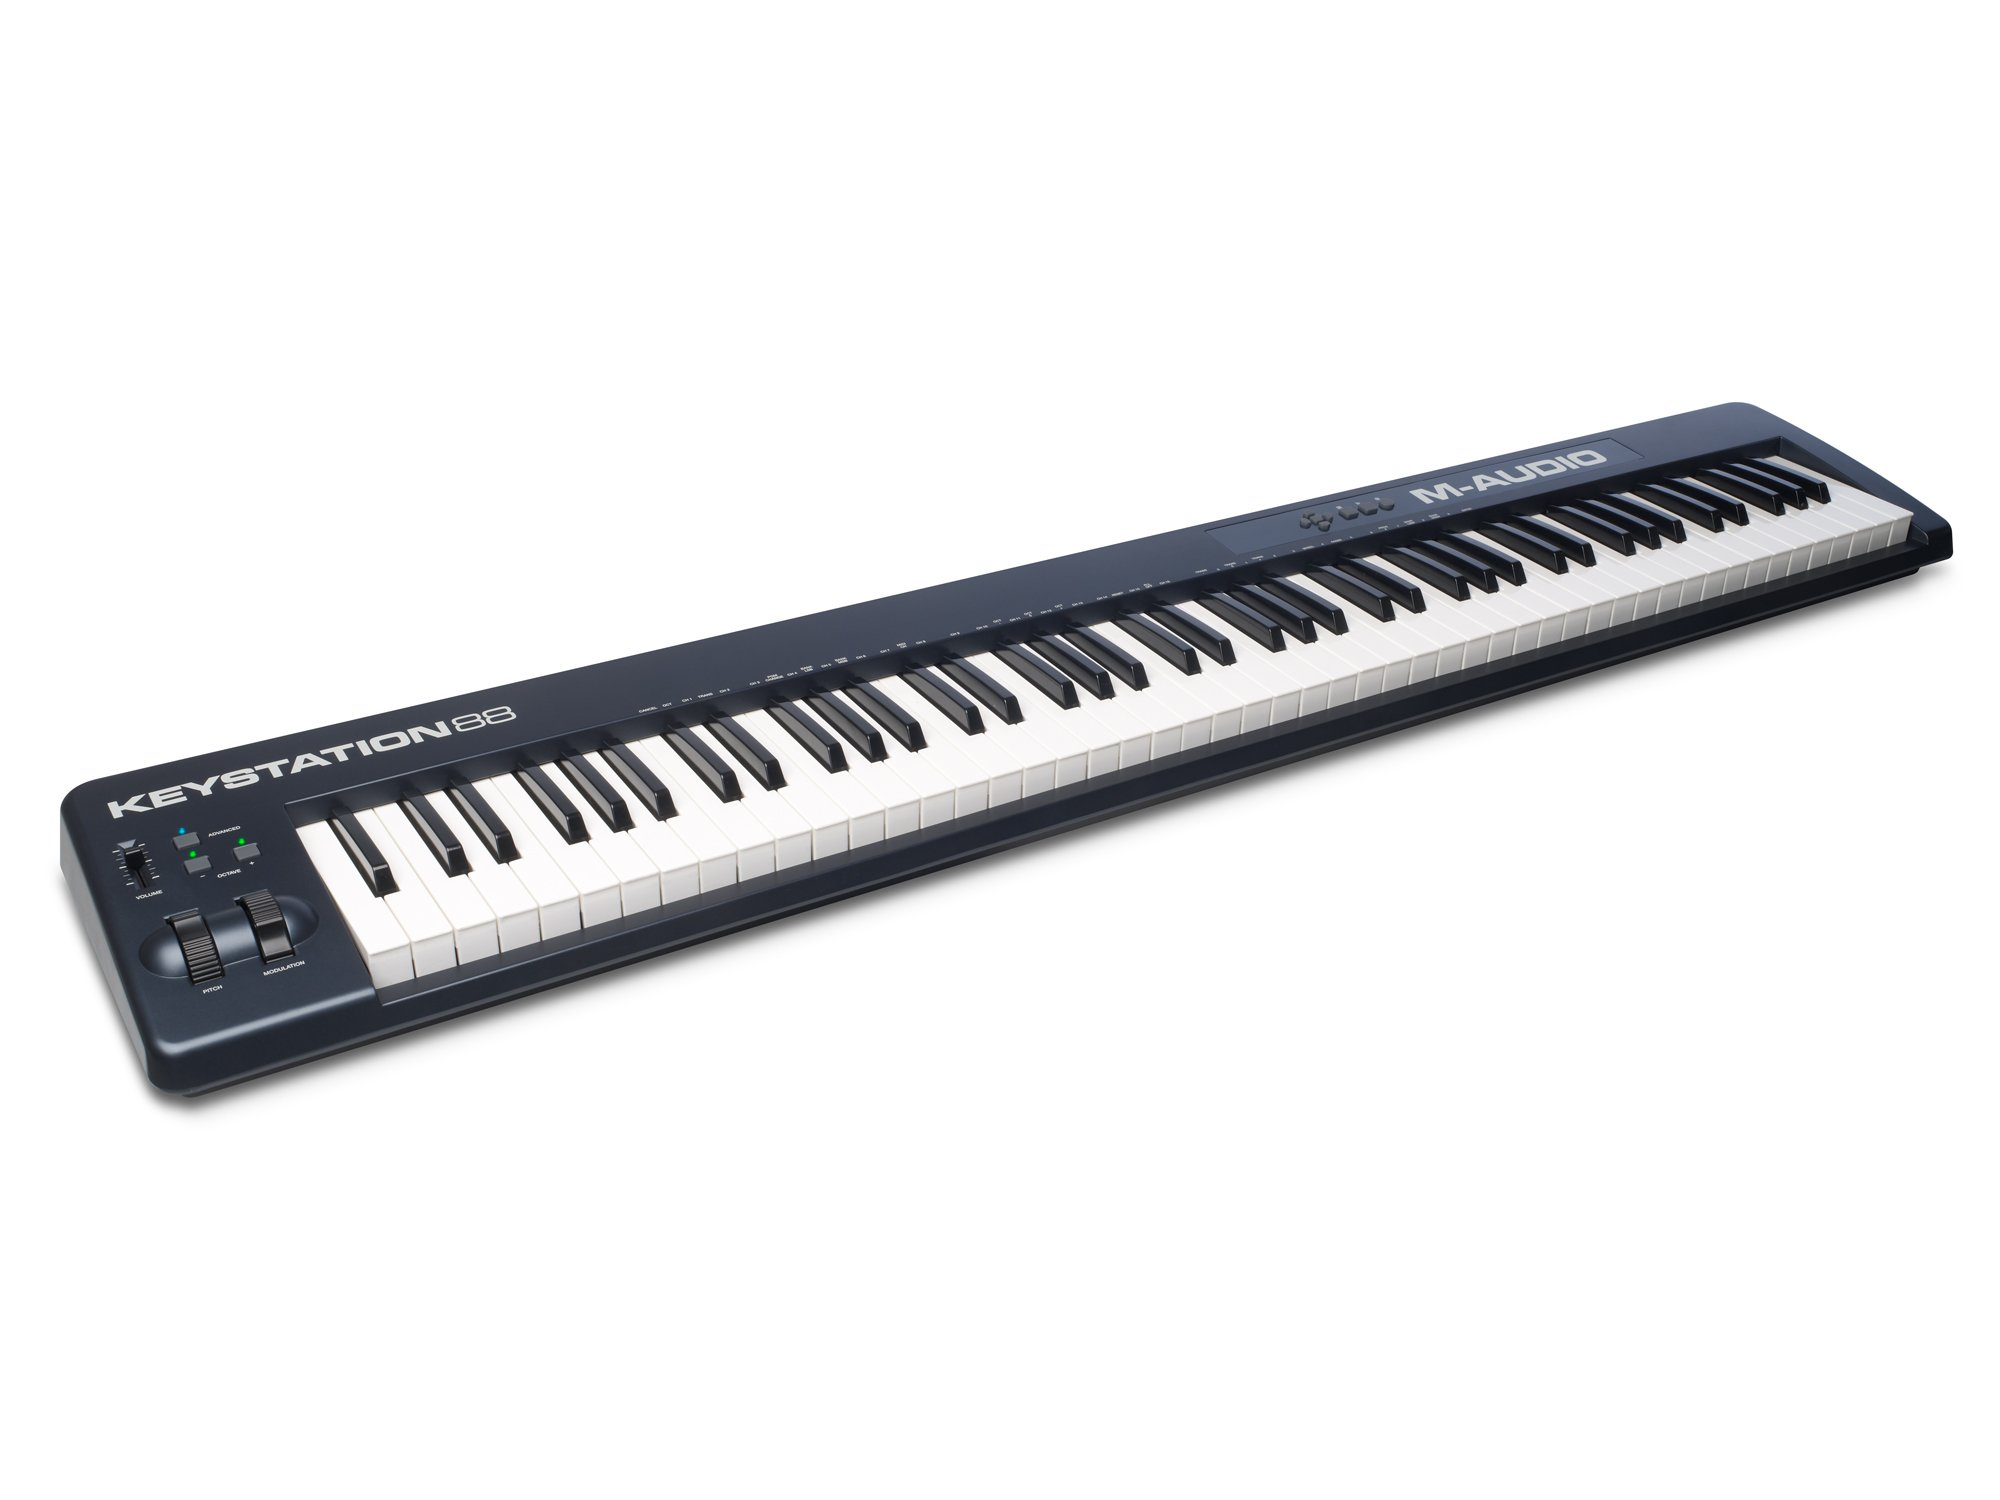 M-Audio Keystation 88 II | 88-Key USB MIDI Keyboard Controller with Pitch-Bend & Modulation Wheels by M-Audio